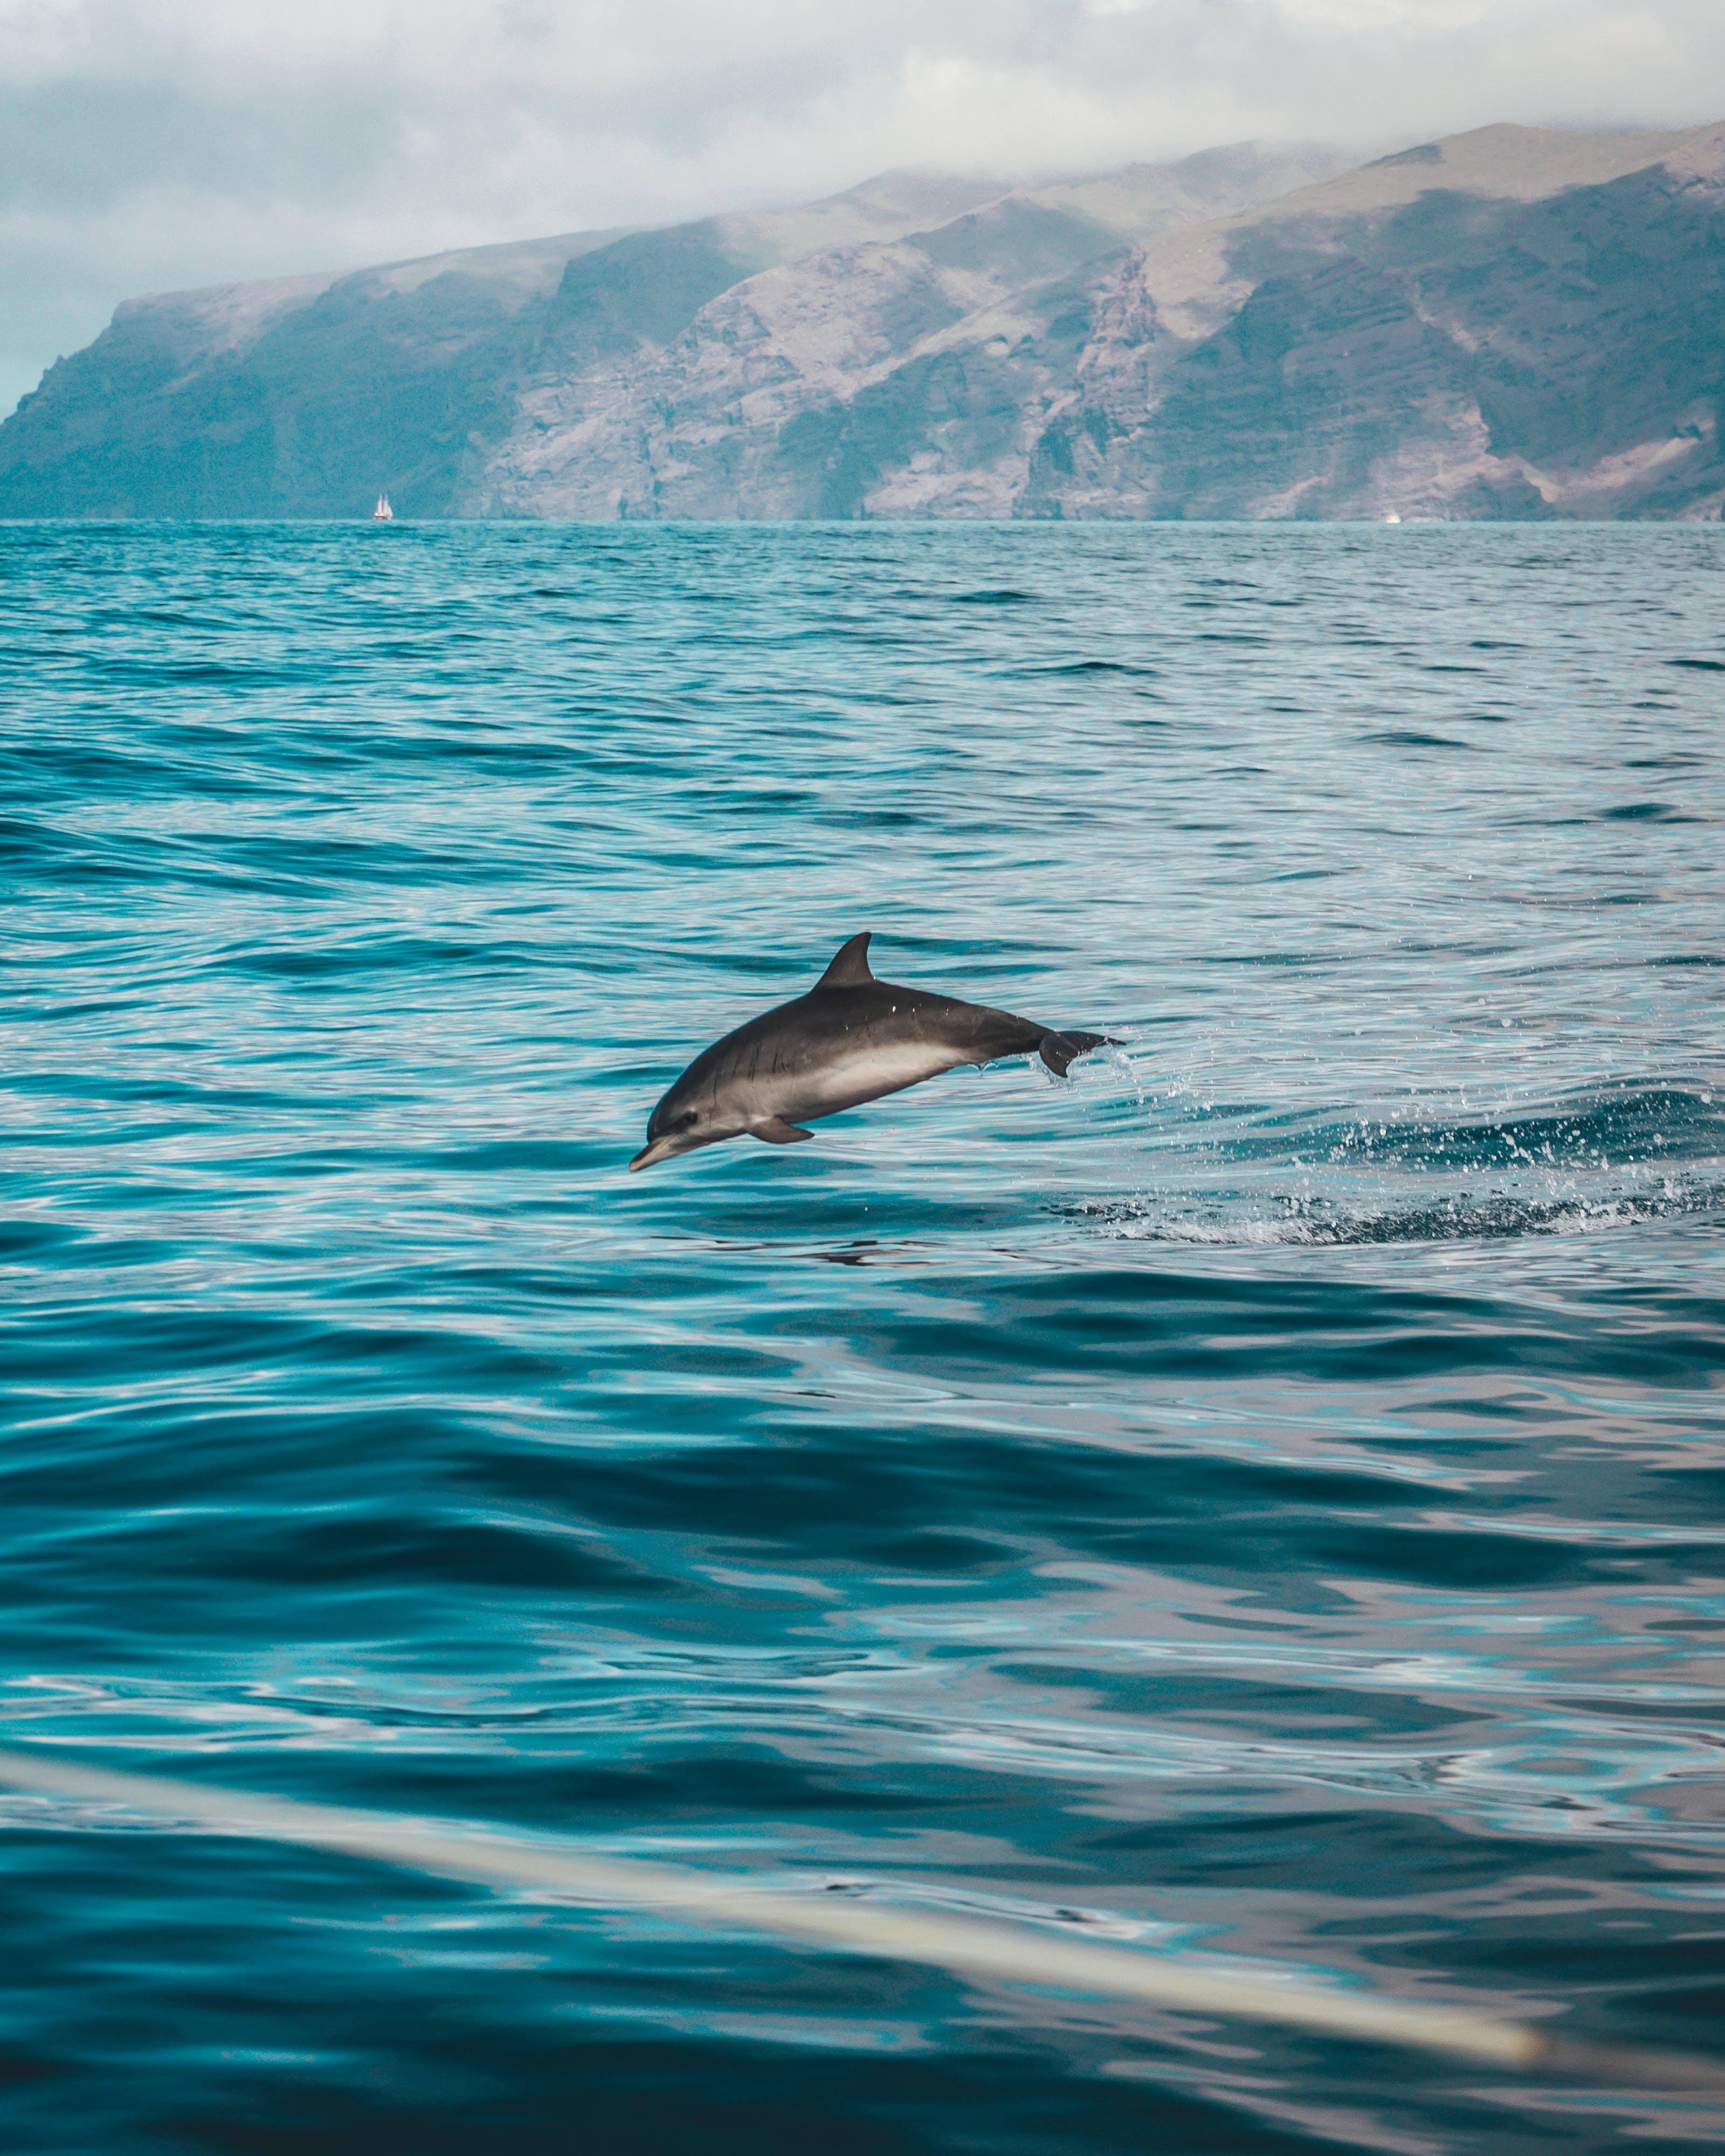 動物, 哺乳動物, 大西洋, 招手 的 免費圖庫相片